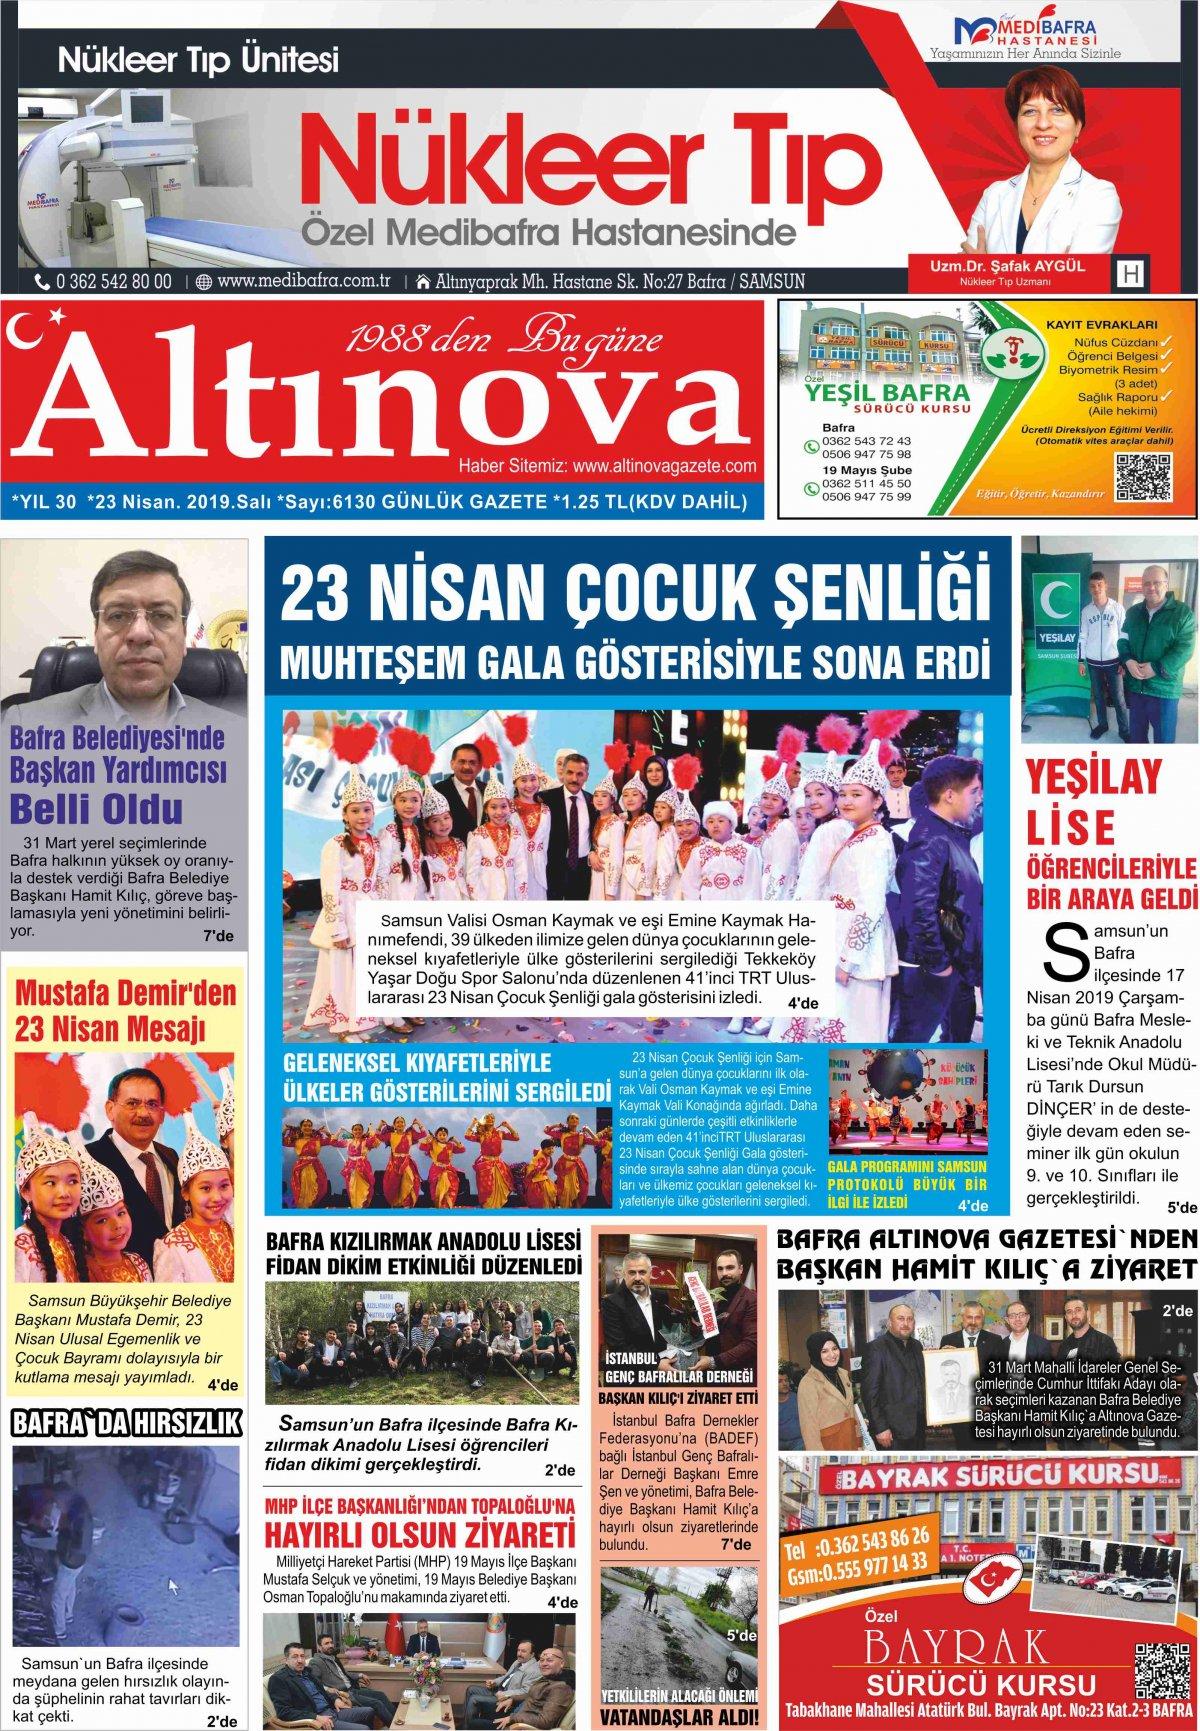 Samsun Bafra Haberleri | Samsun Haberleri - Haber, Haberler - 23.04.2019 Manşeti